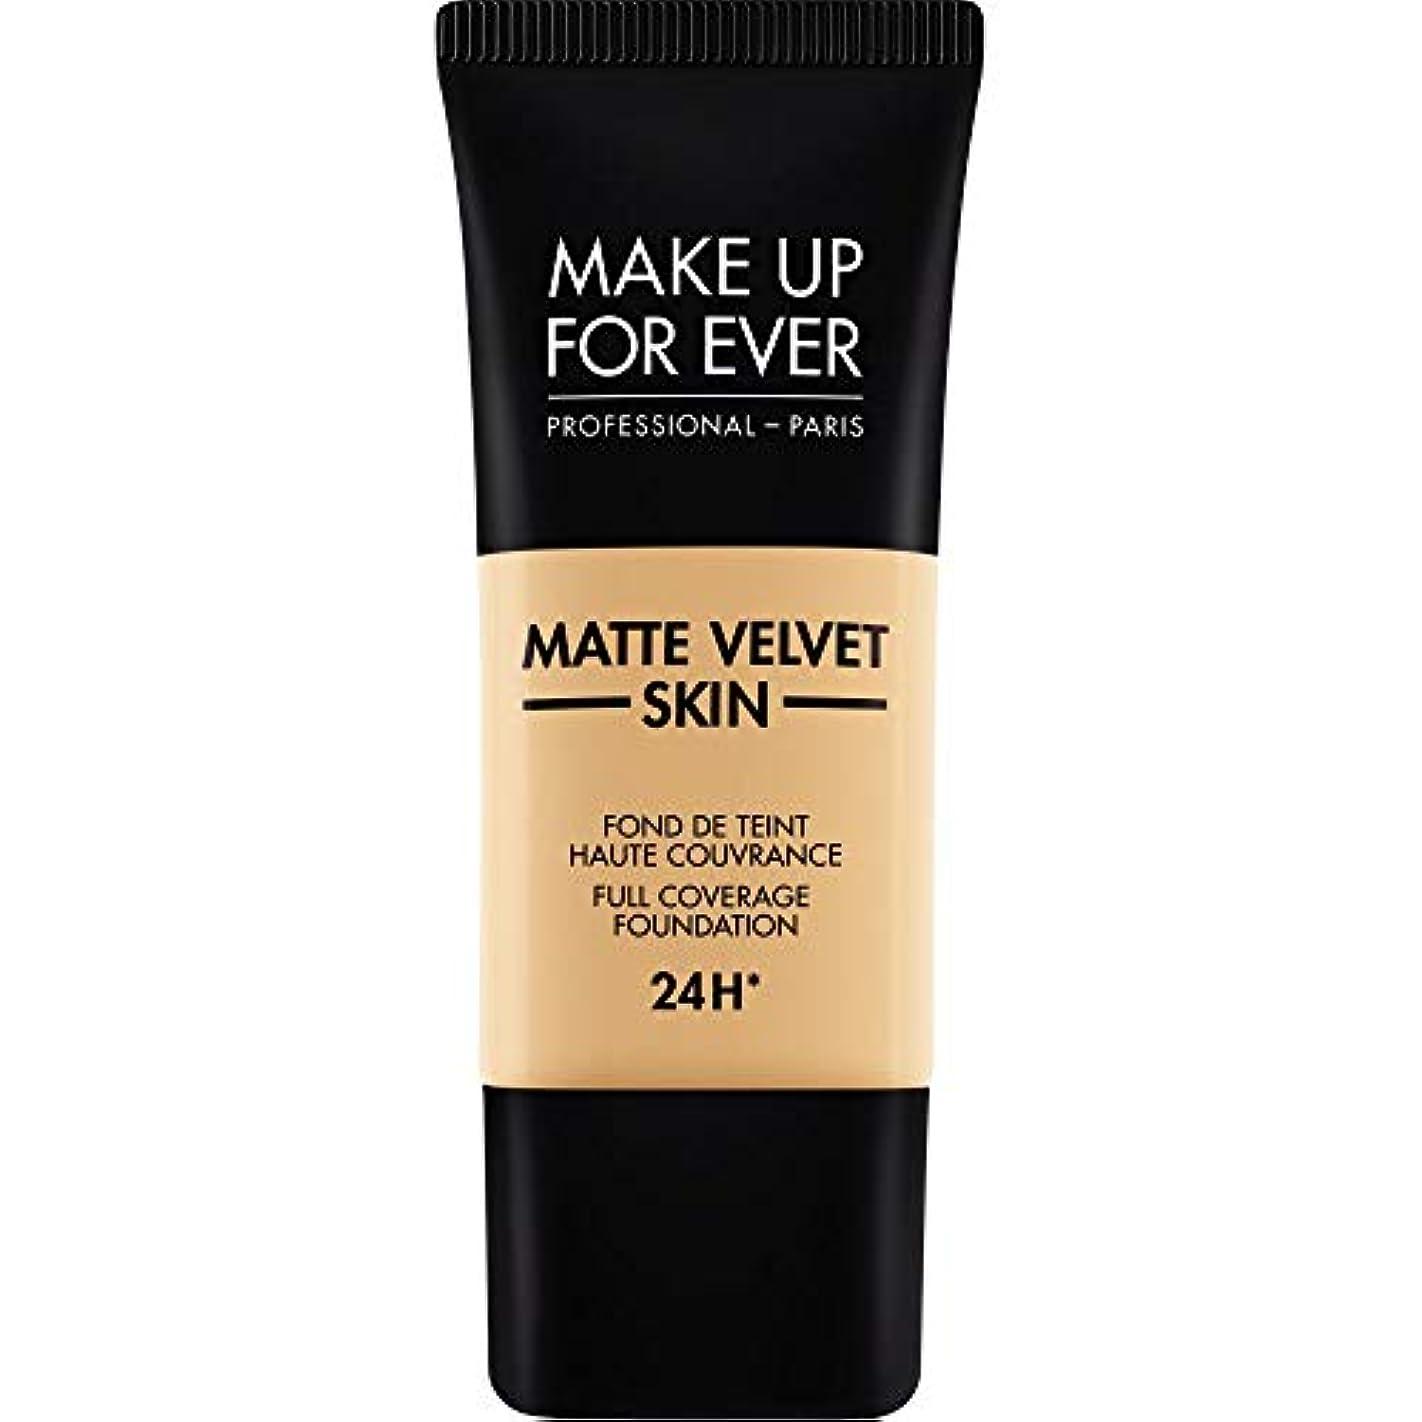 お手伝いさん絶え間ない医療過誤[MAKE UP FOR EVER ] これまでマットベルベットの皮膚のフルカバレッジ基礎30ミリリットルのY255を補う - サンドベージュ - MAKE UP FOR EVER Matte Velvet Skin Full...